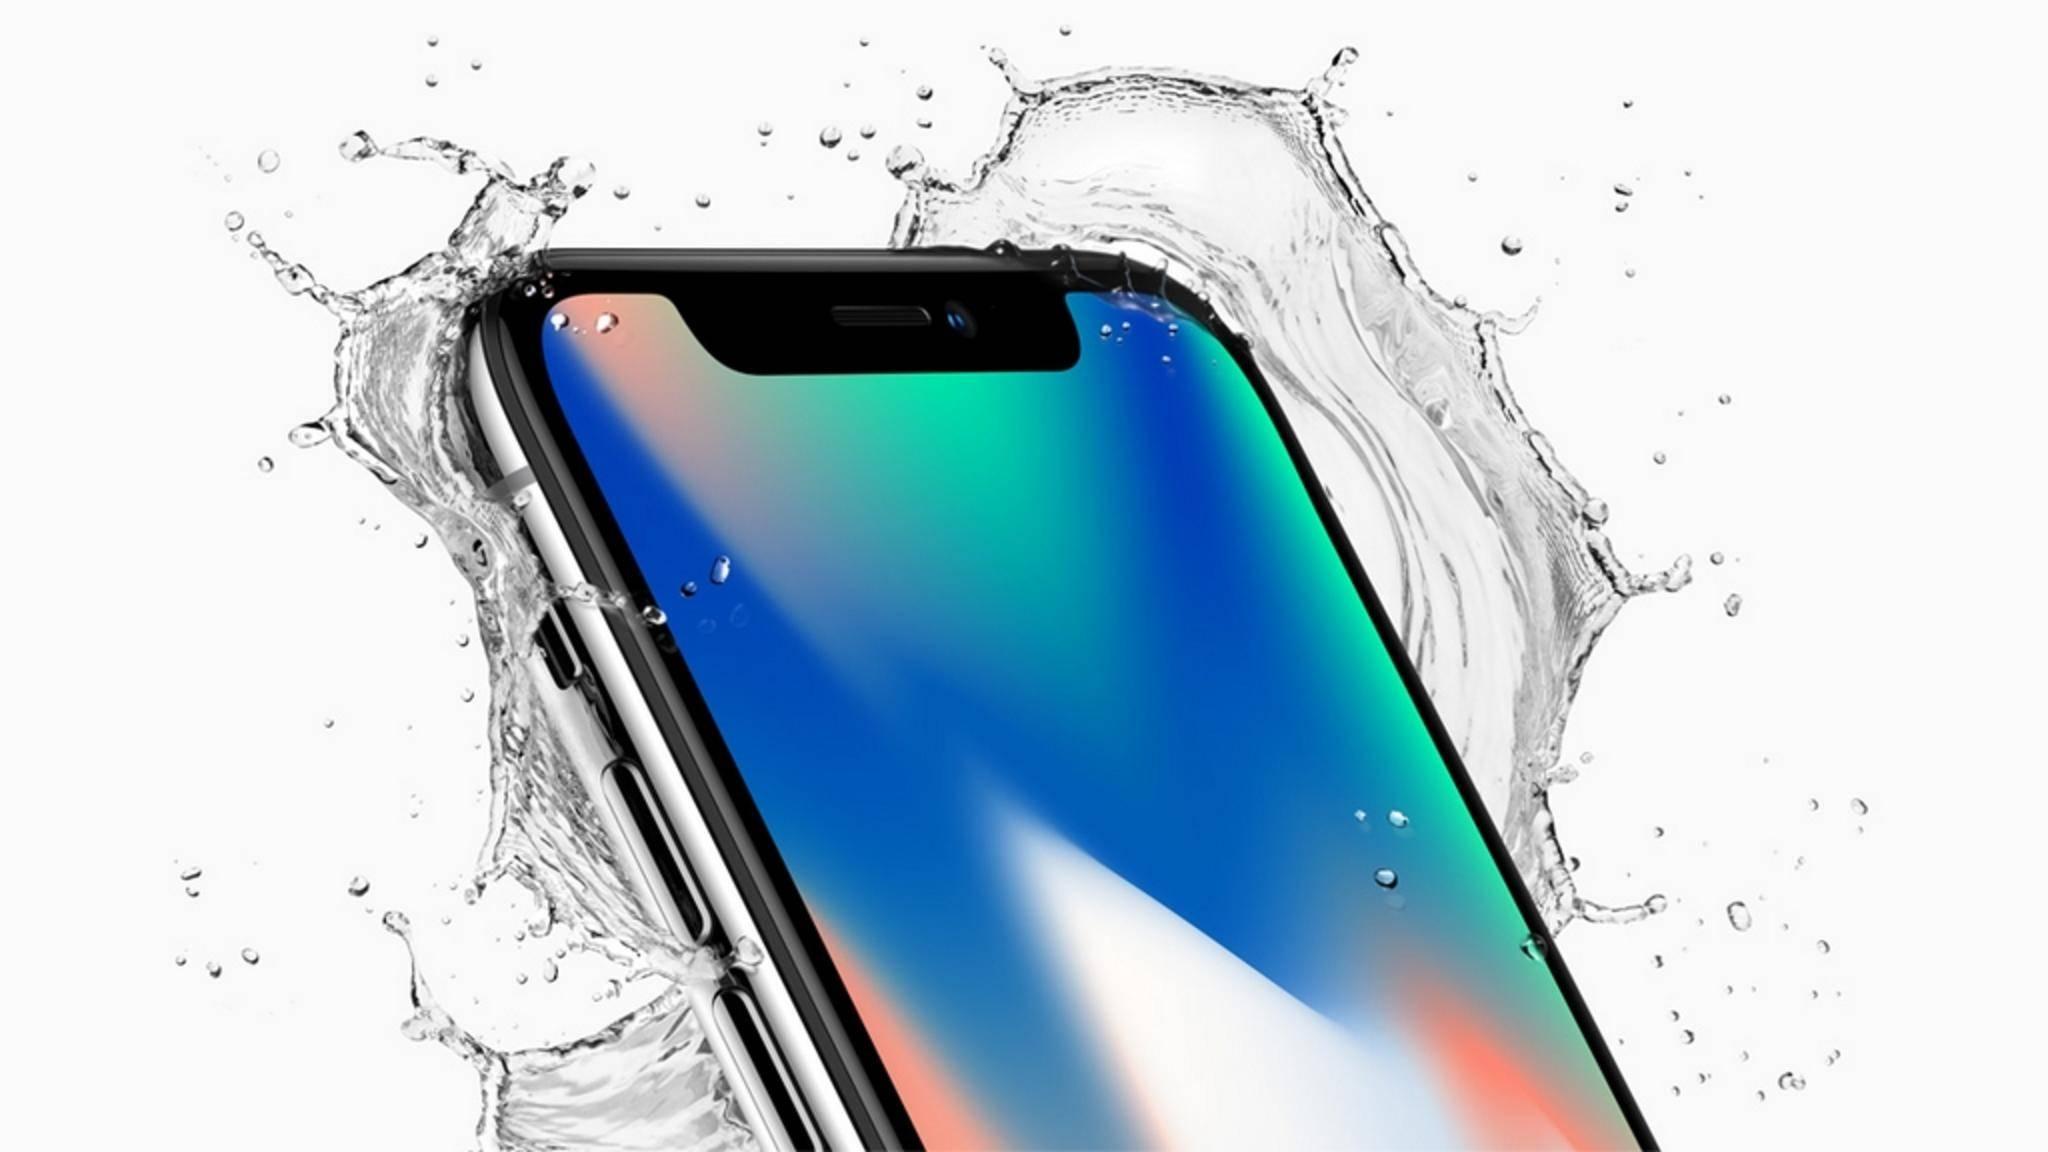 Der Preis des iPhone X dürften vielen zu hoch sein.